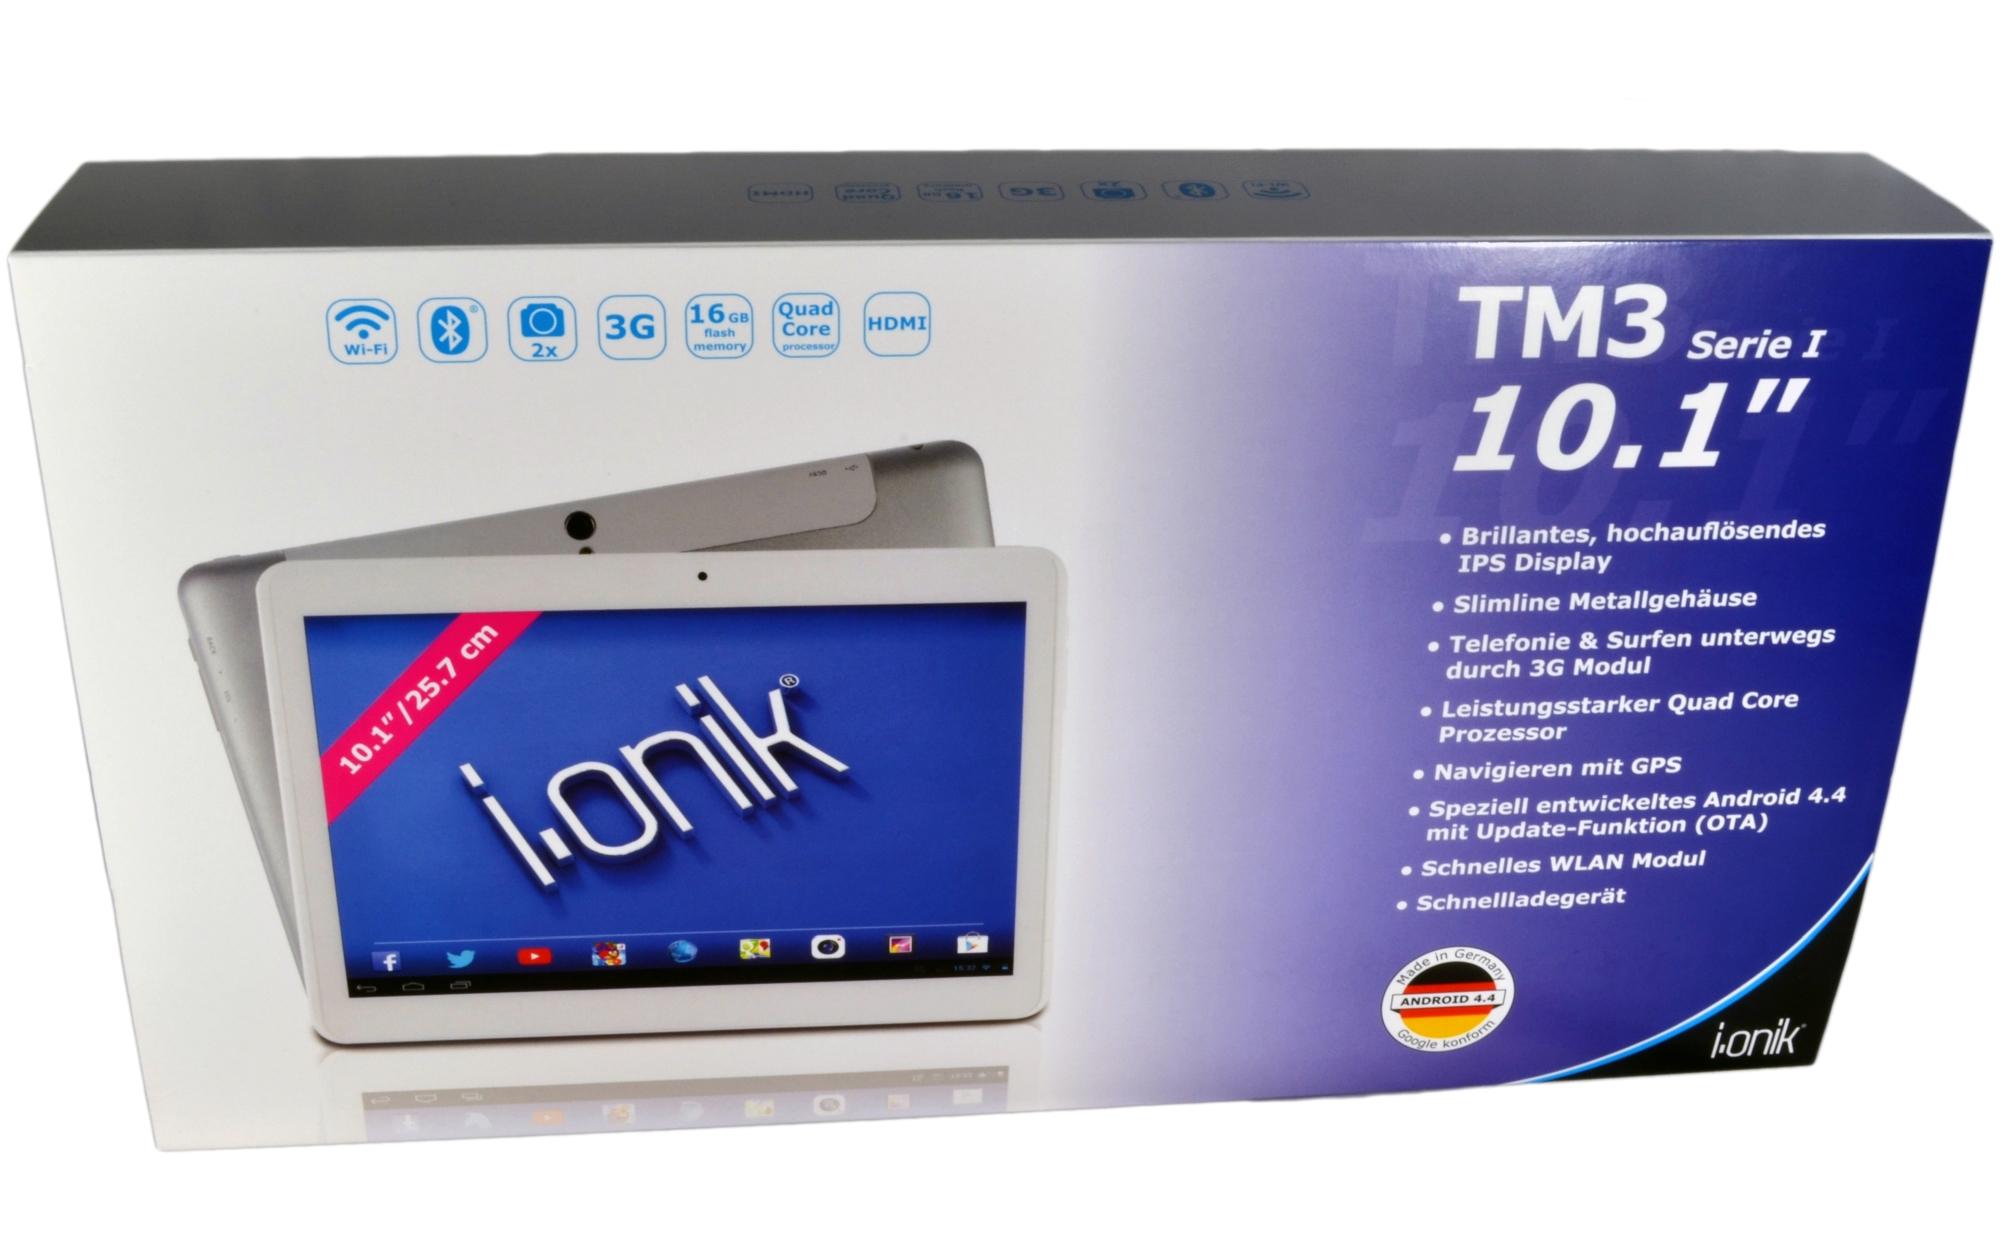 tm3 serie 1 10 1 tablet im test. Black Bedroom Furniture Sets. Home Design Ideas